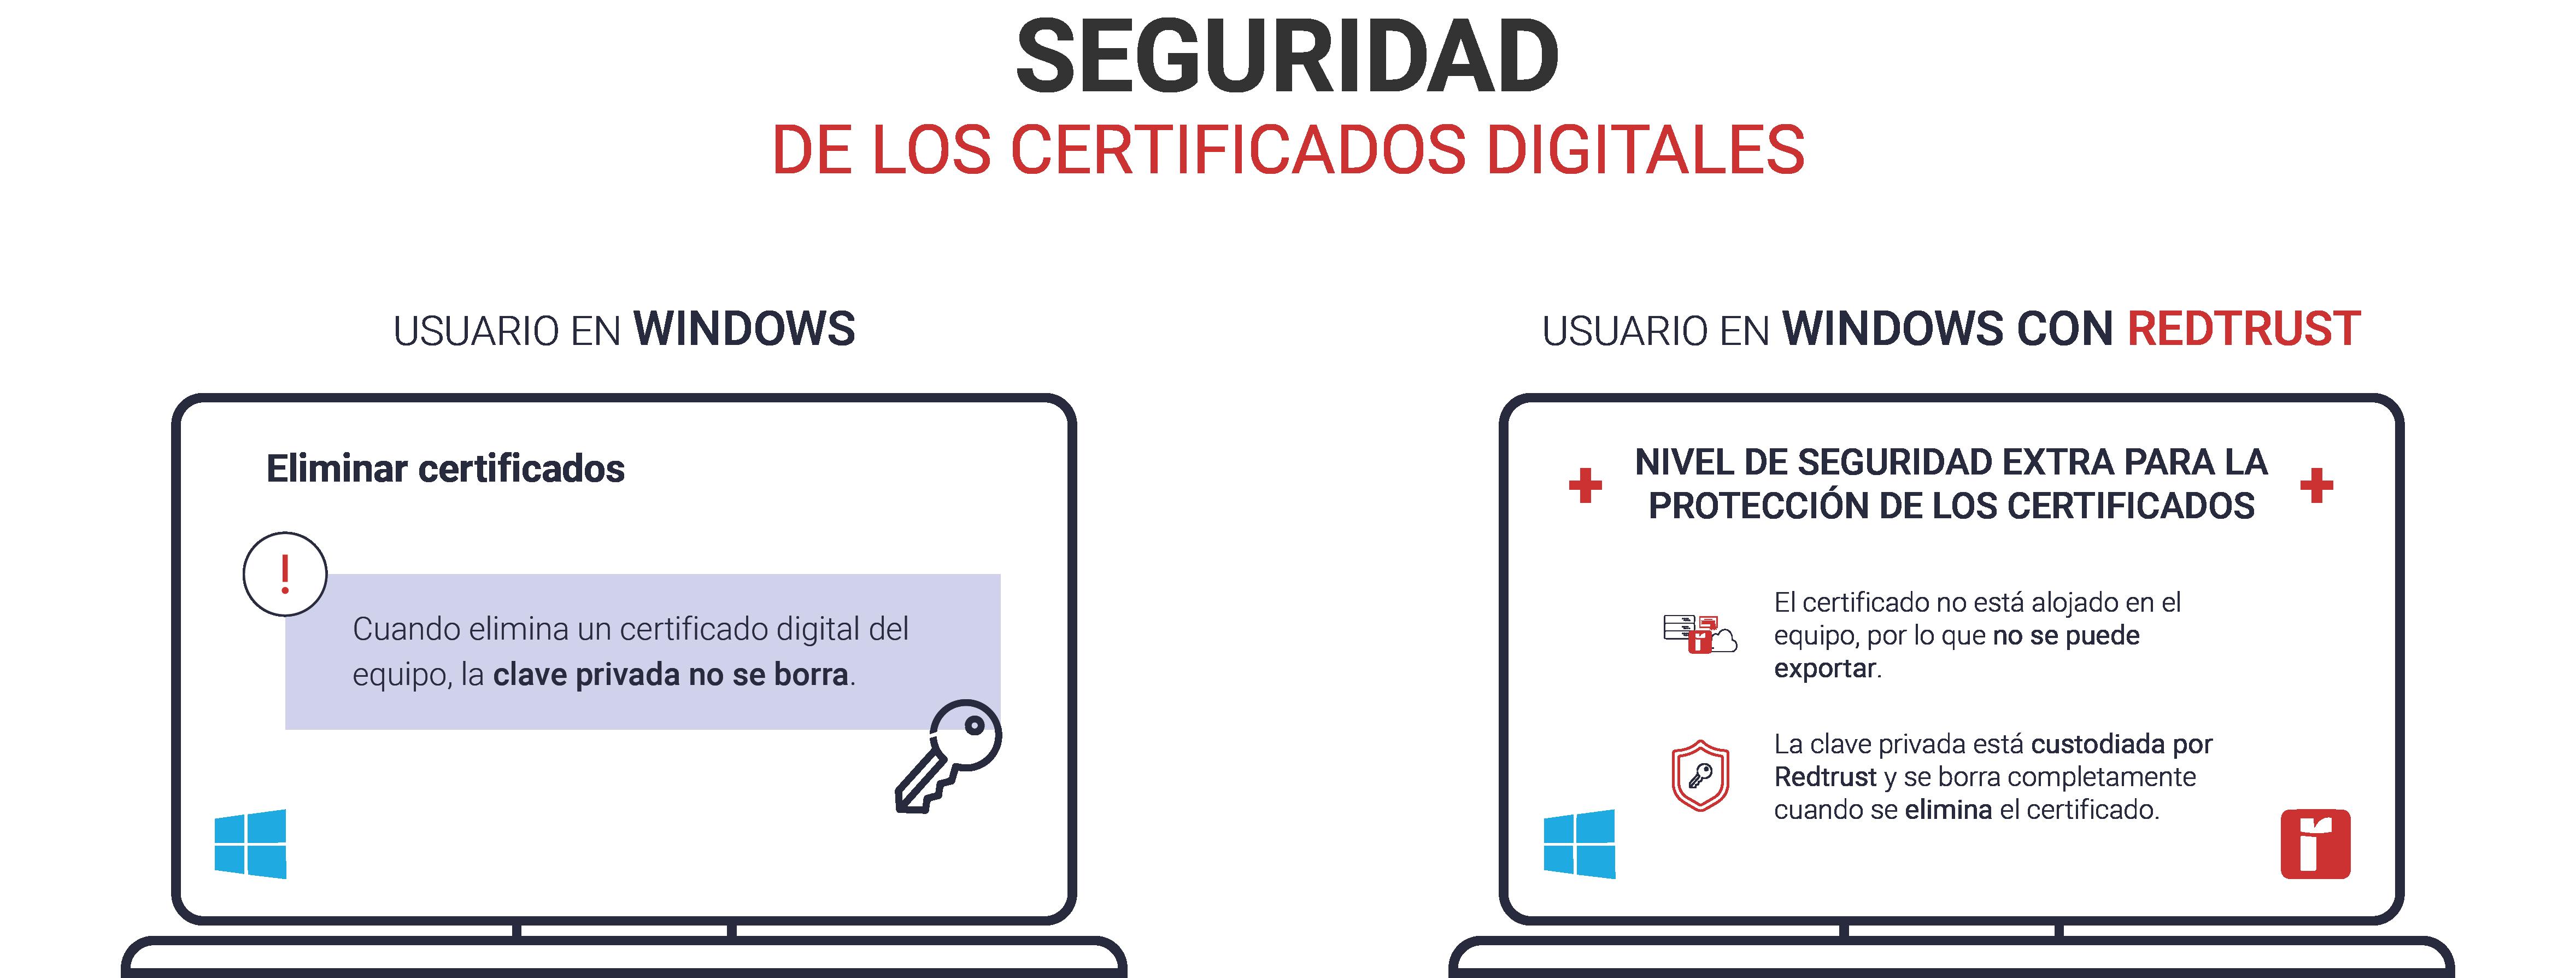 seguridad-certificado-digital-windows-redtrust